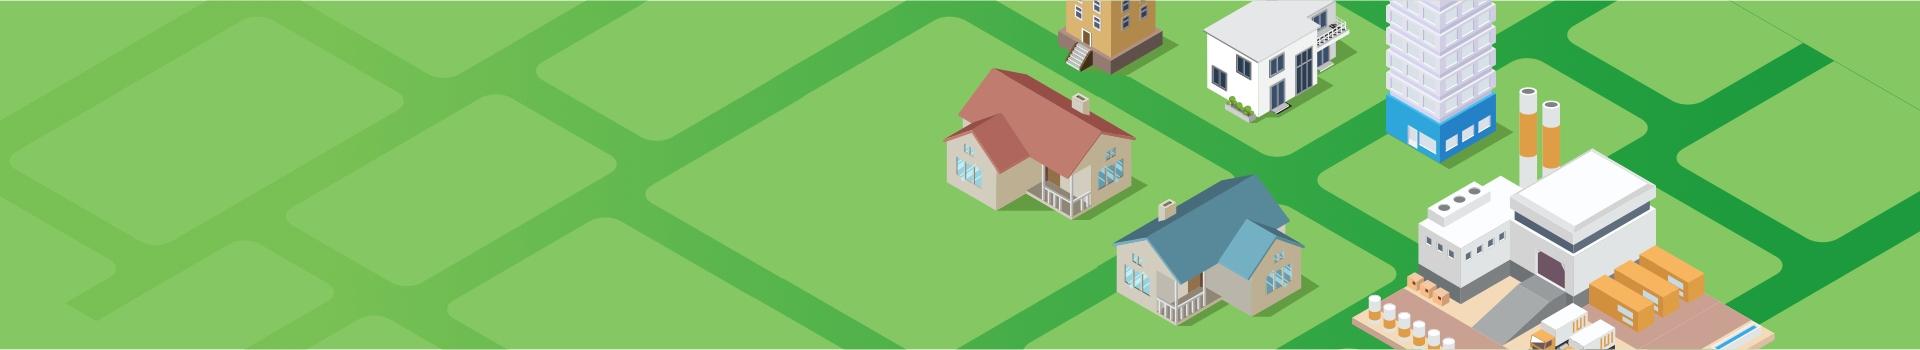 Pomůžeme snížit energetickou náročnost vašich budov